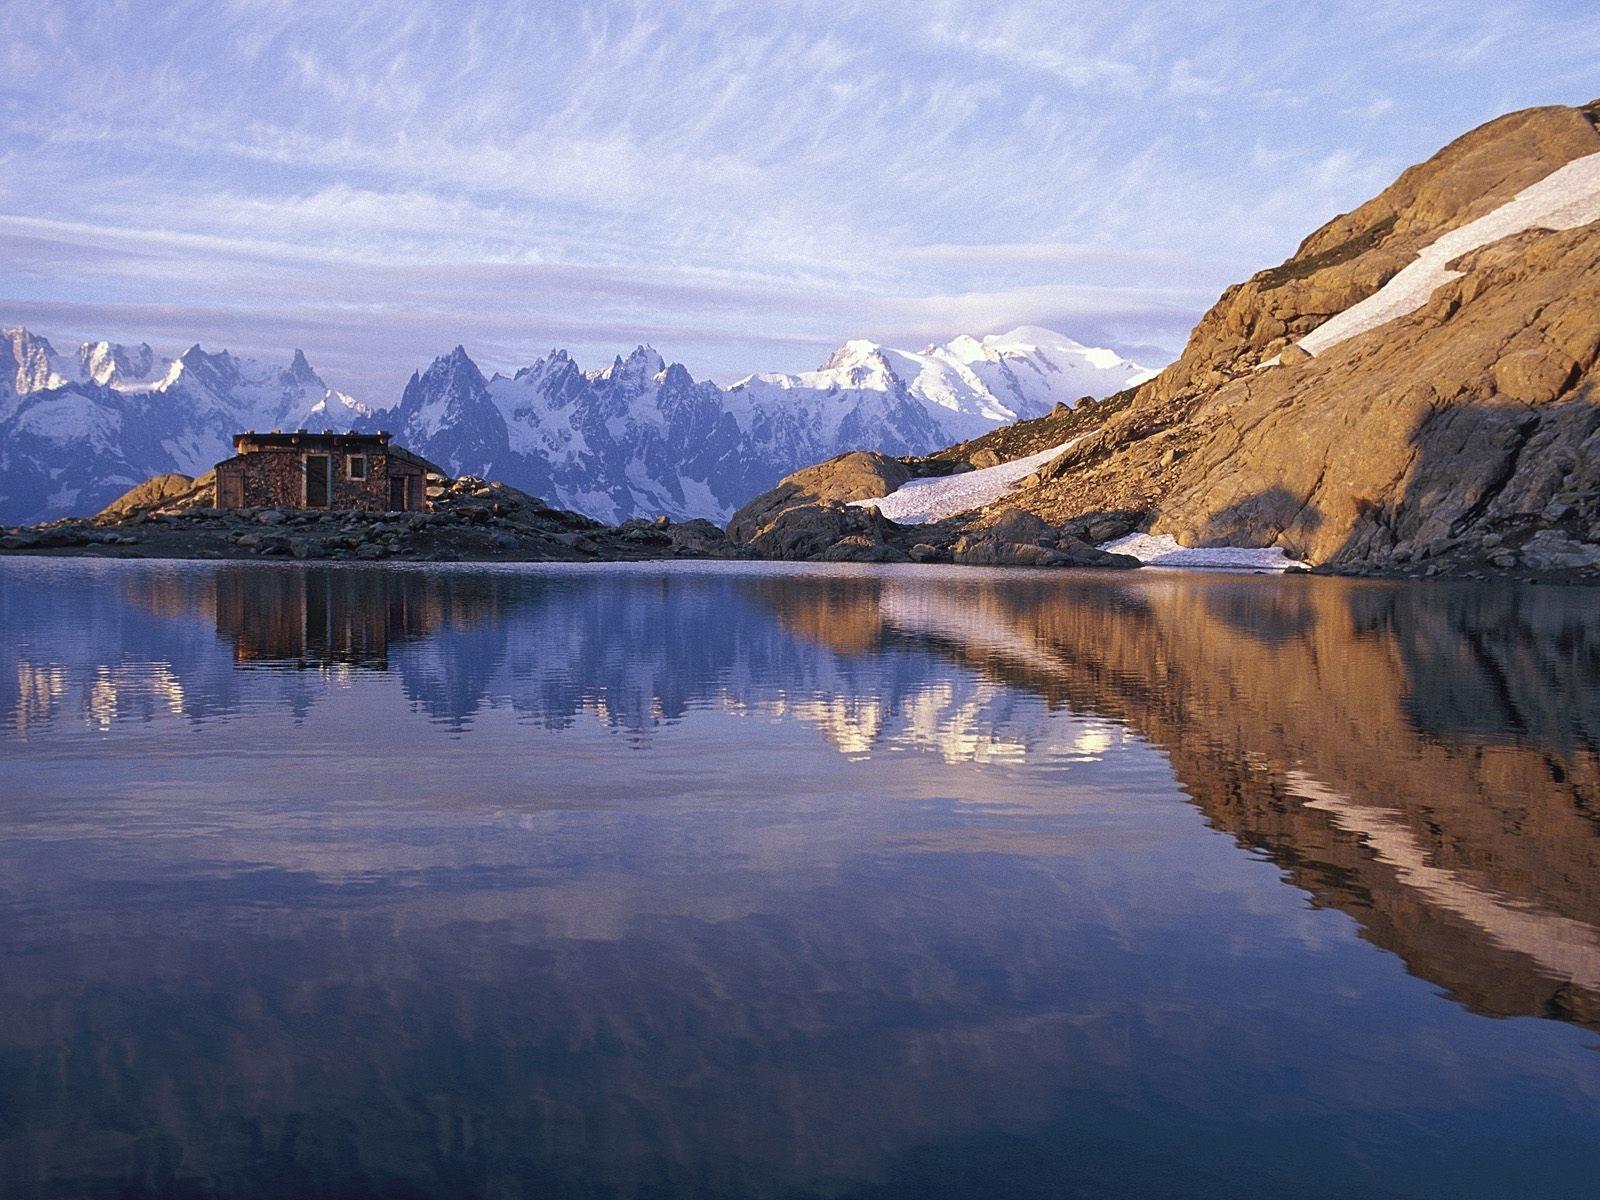 7325 скачать обои Пейзаж, Природа, Горы, Снег, Озера - заставки и картинки бесплатно